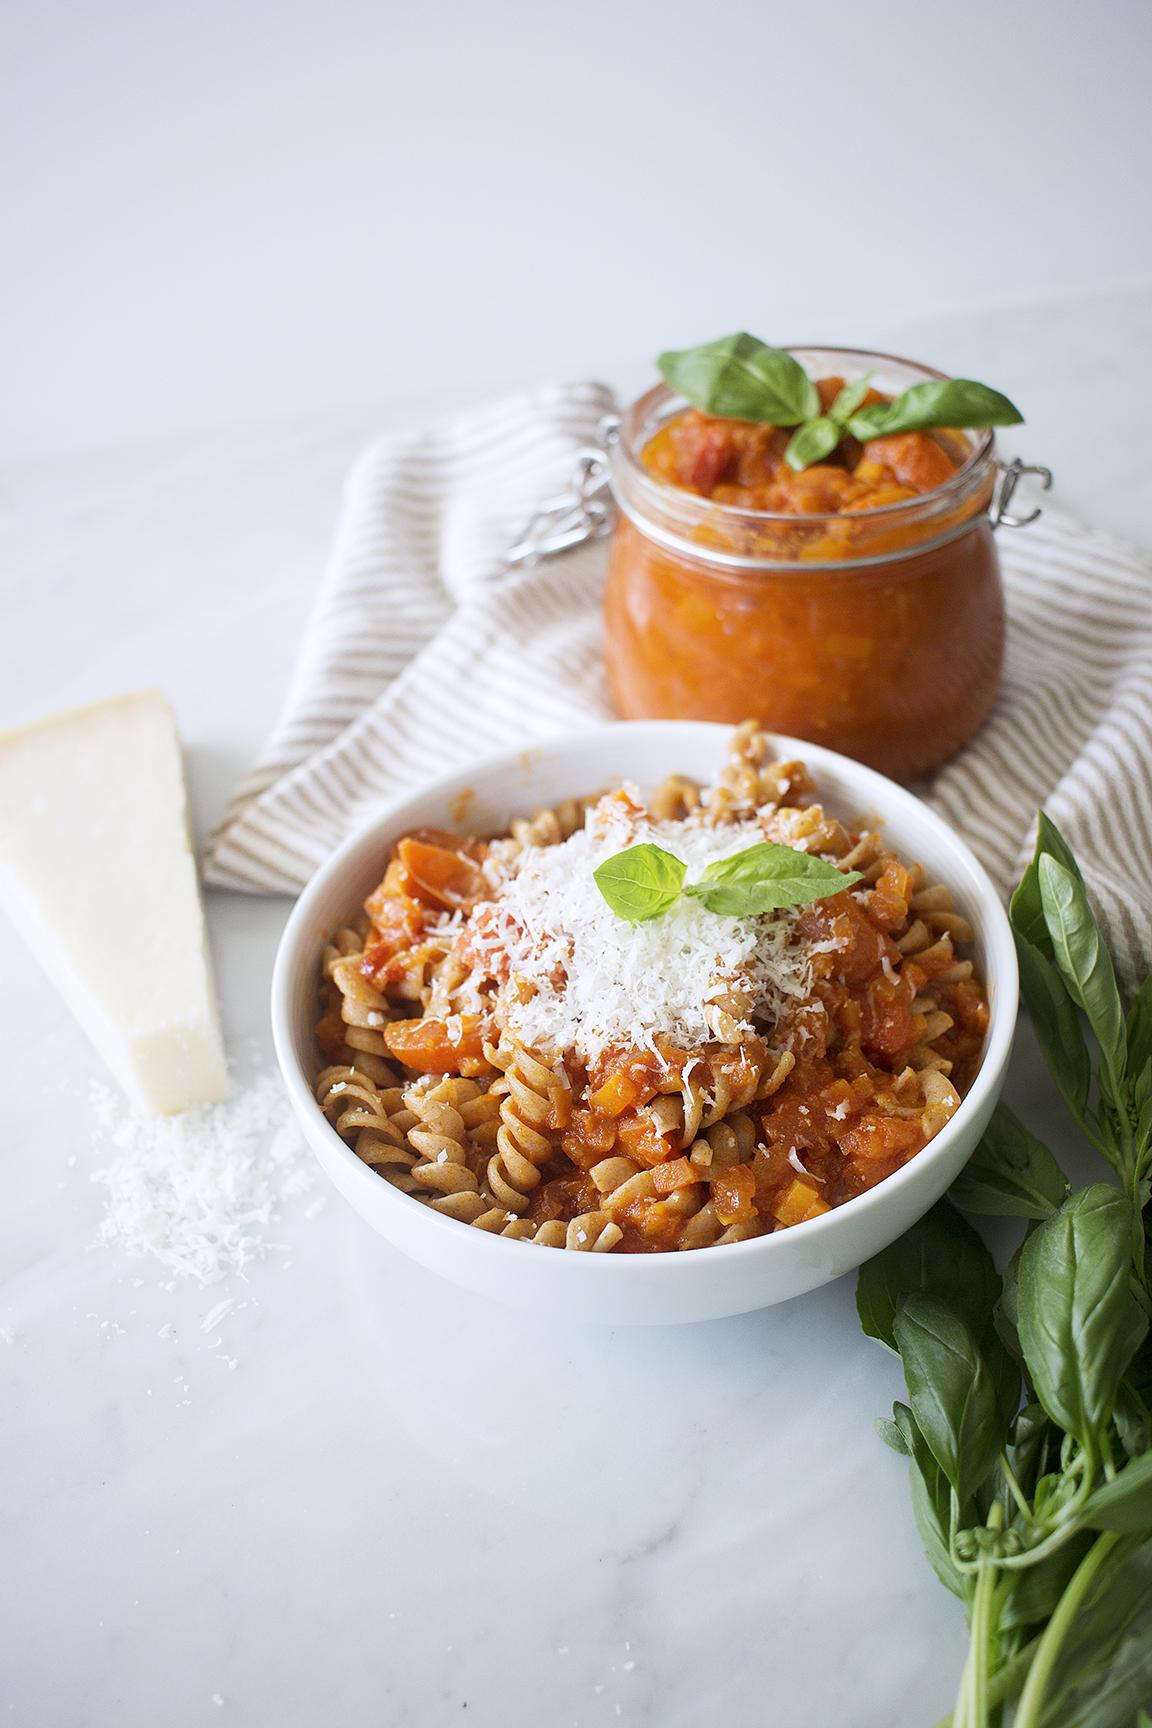 My go-to tomato sauce recipe